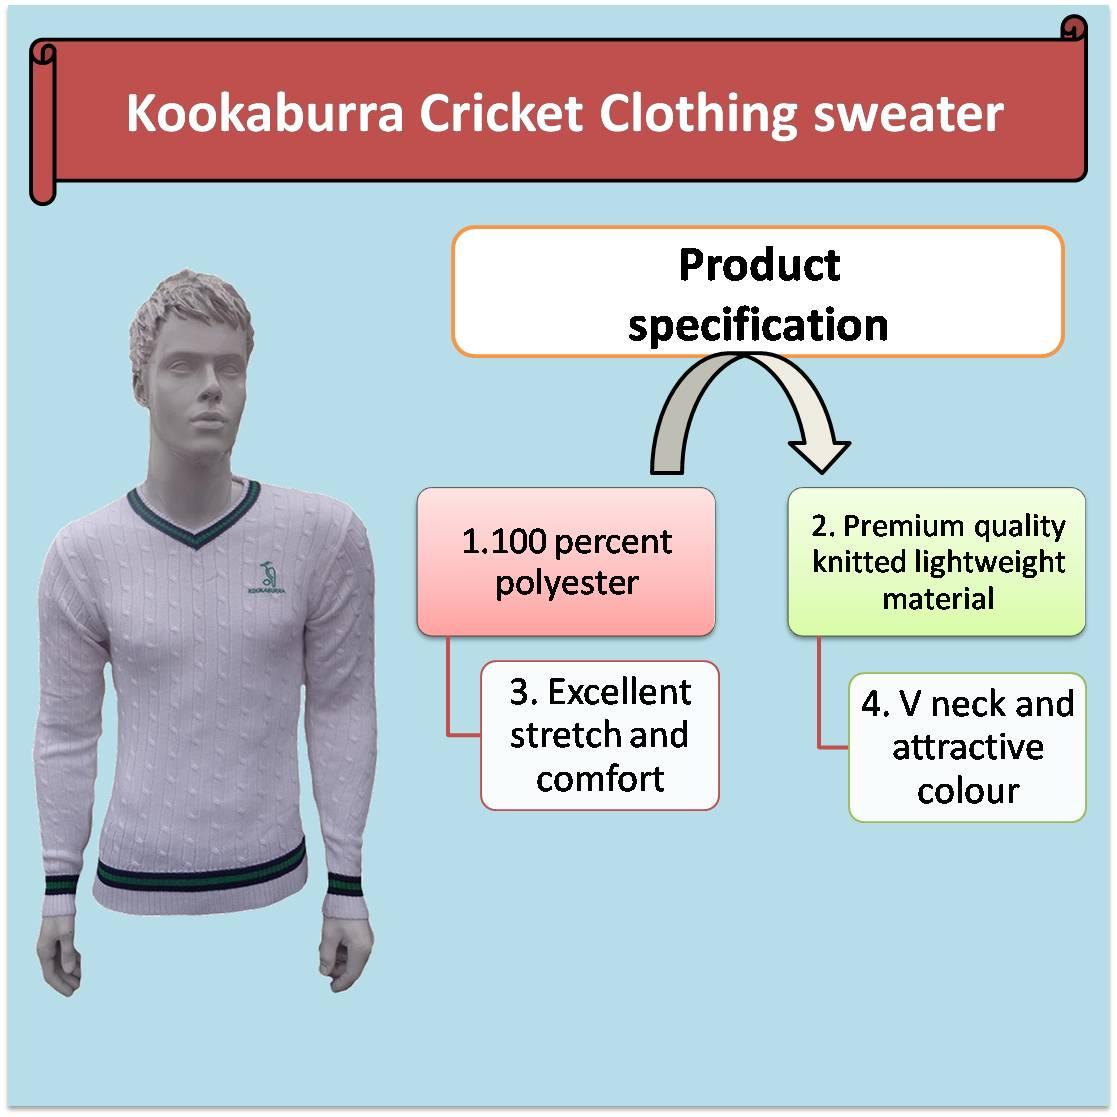 Kookaburra Cricket Clothing sweater